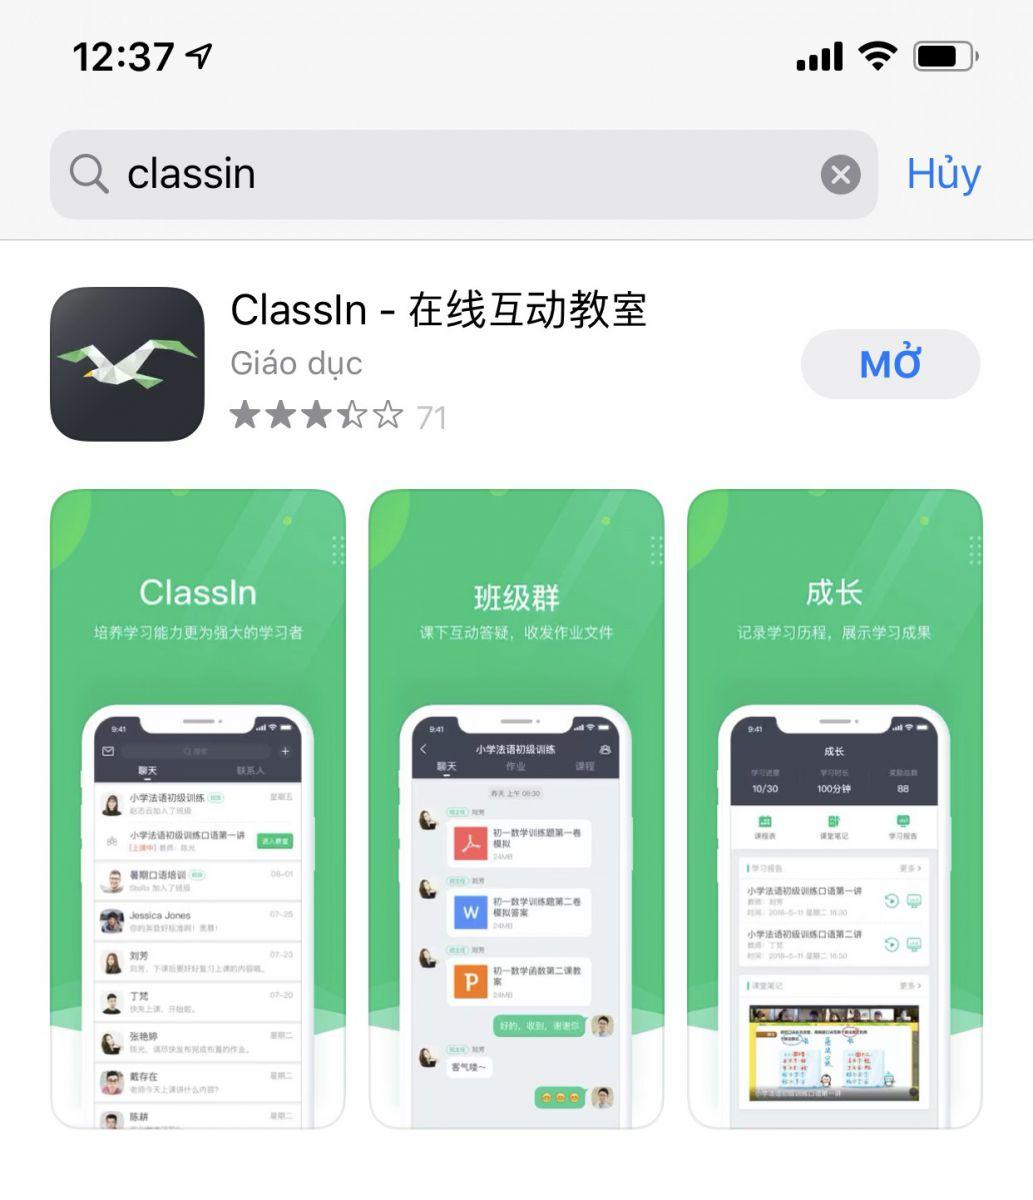 tải ứng dụng classin